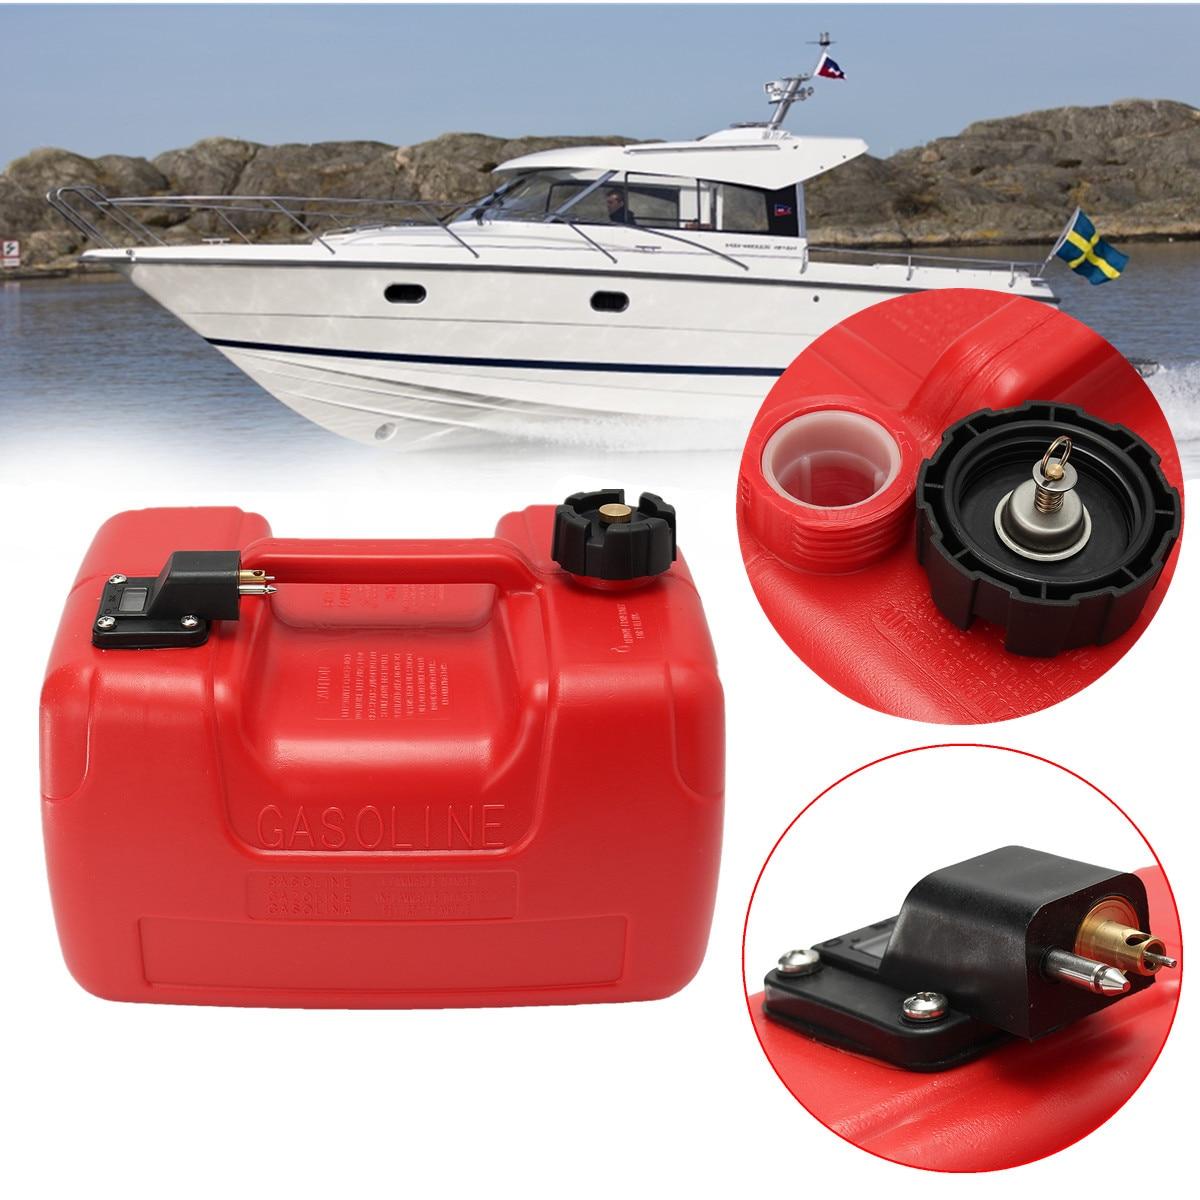 12L Portable Bateau Yacht Moteur Hors-Bord Marine boîte à huile Du Réservoir de Carburant Avec Connecteur Rouge En Plastique résistant à La Corrosion Anti-statique